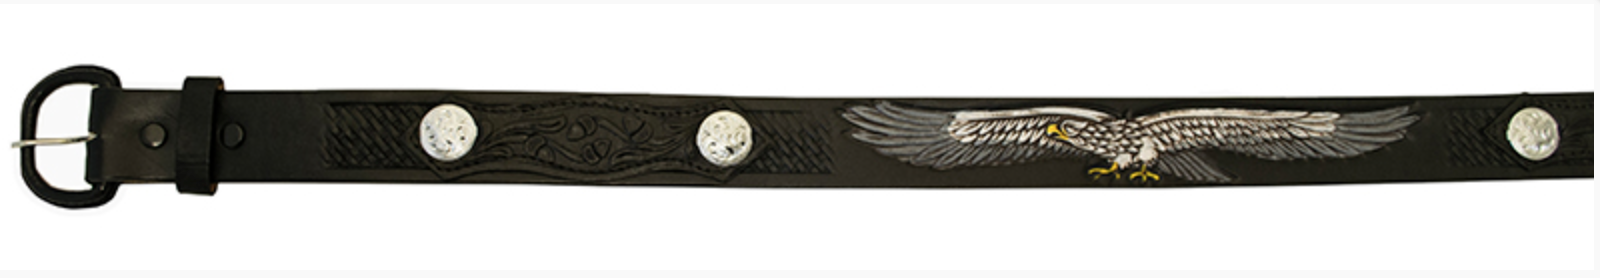 c1f08bb41a2a CEINTURE WESTERN COUNTRY en cuir noir avec aigle. - EUR 35,00 ...